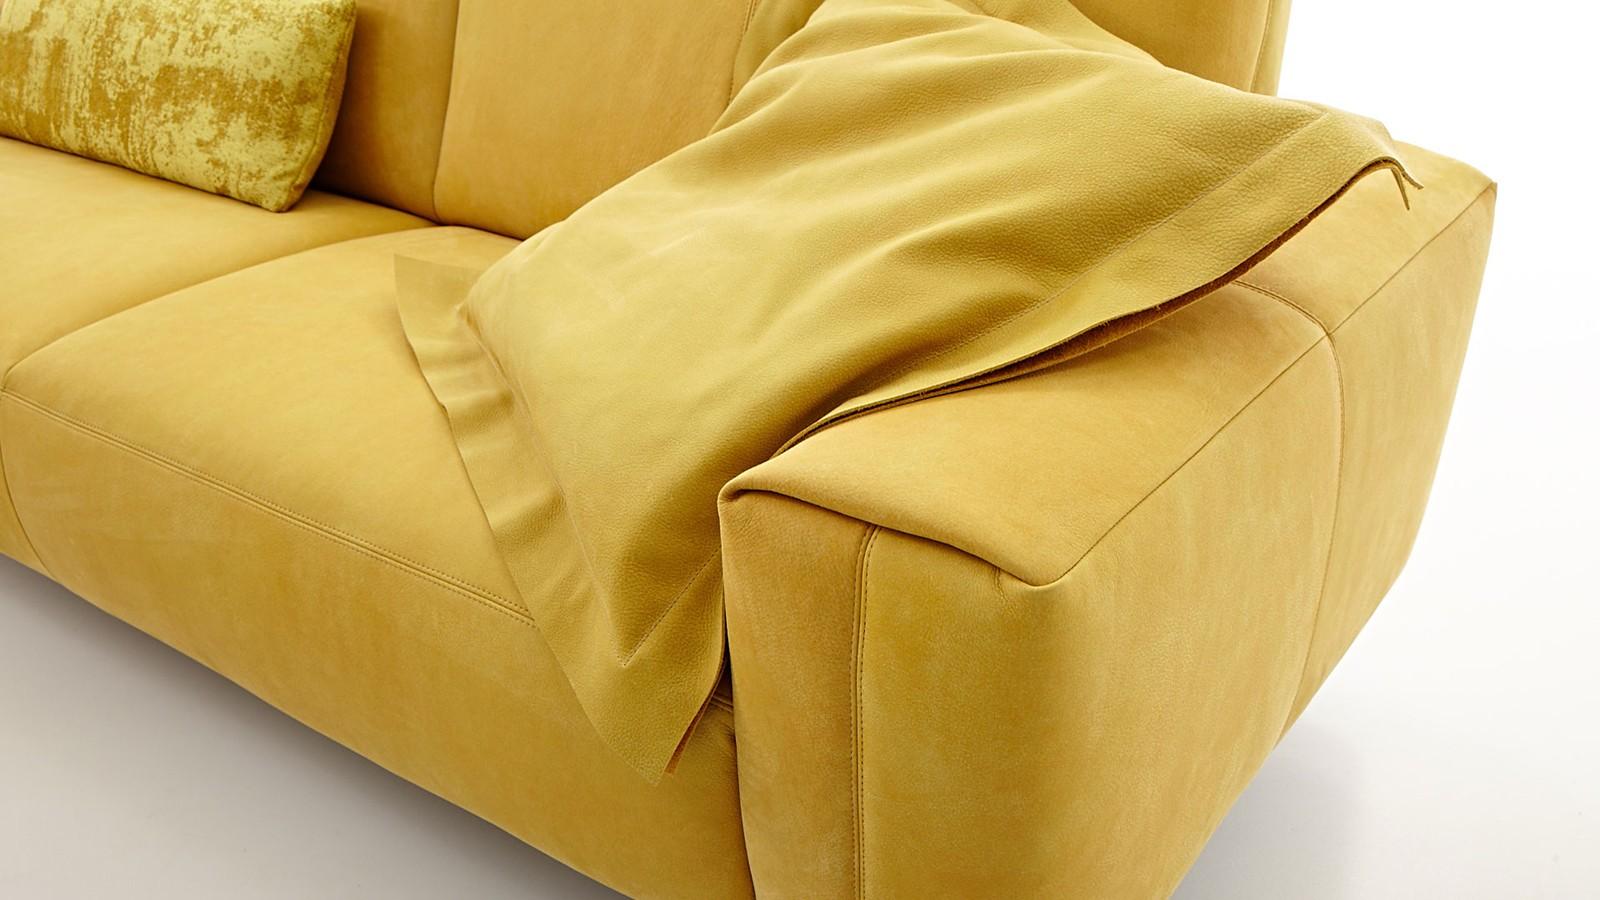 Canapea modernă Koinor Garret